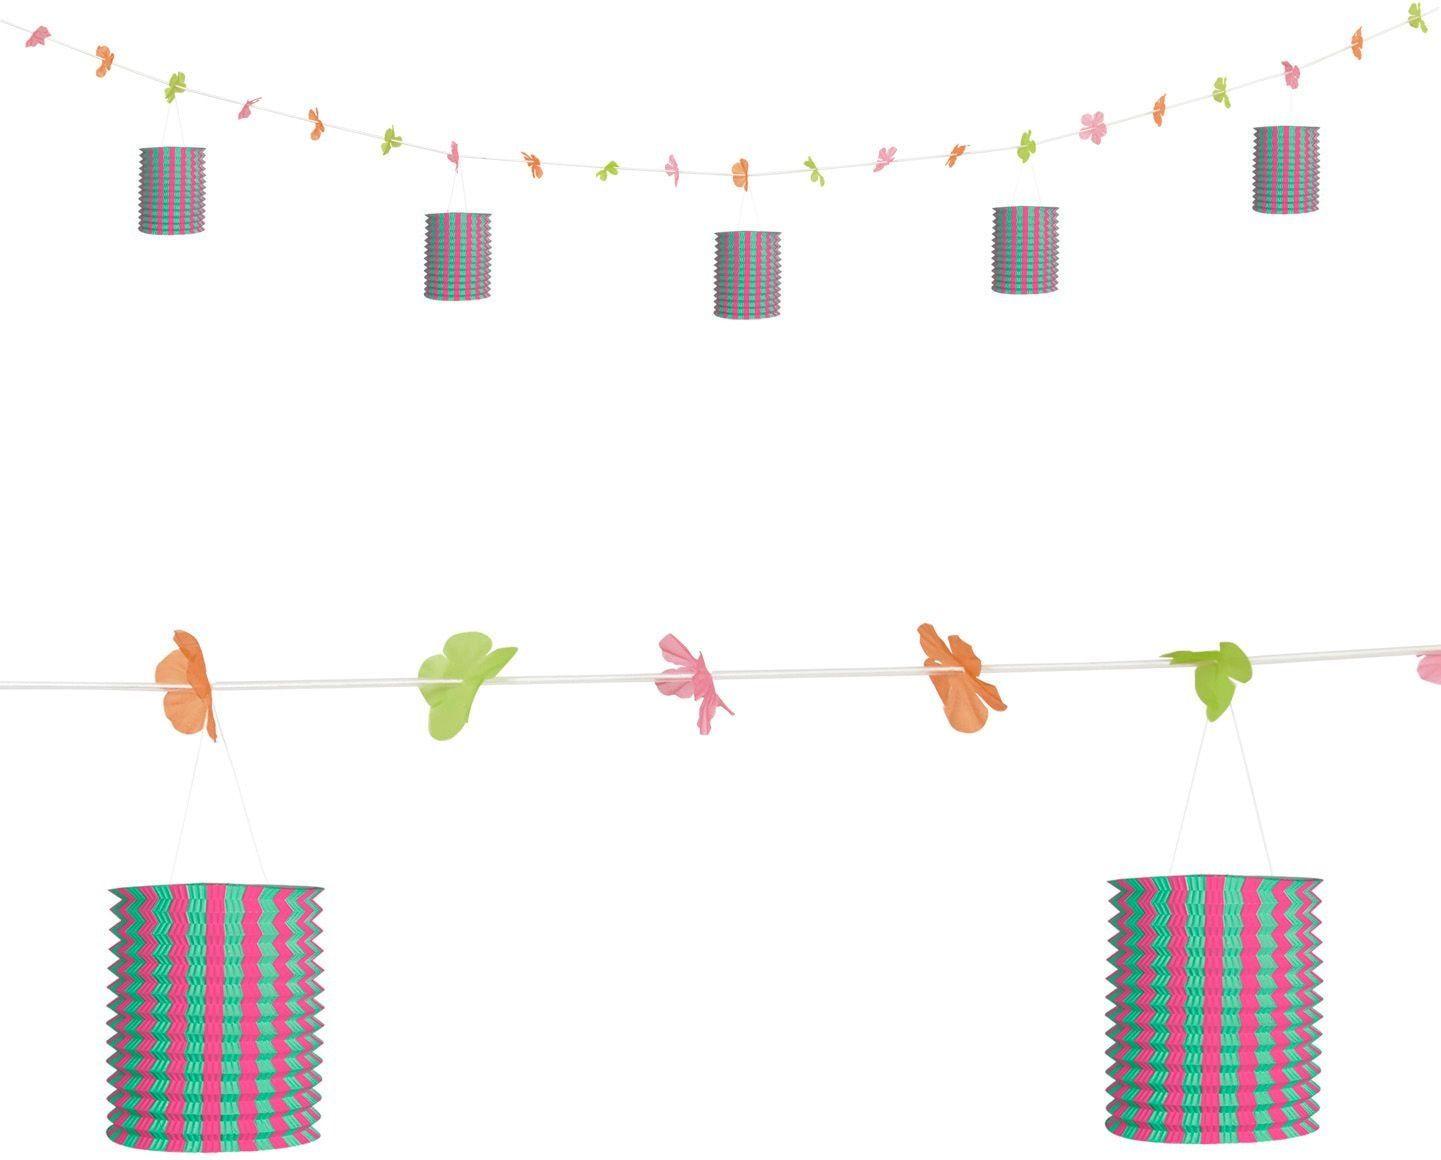 Roze-groene lantaarn feestslinger